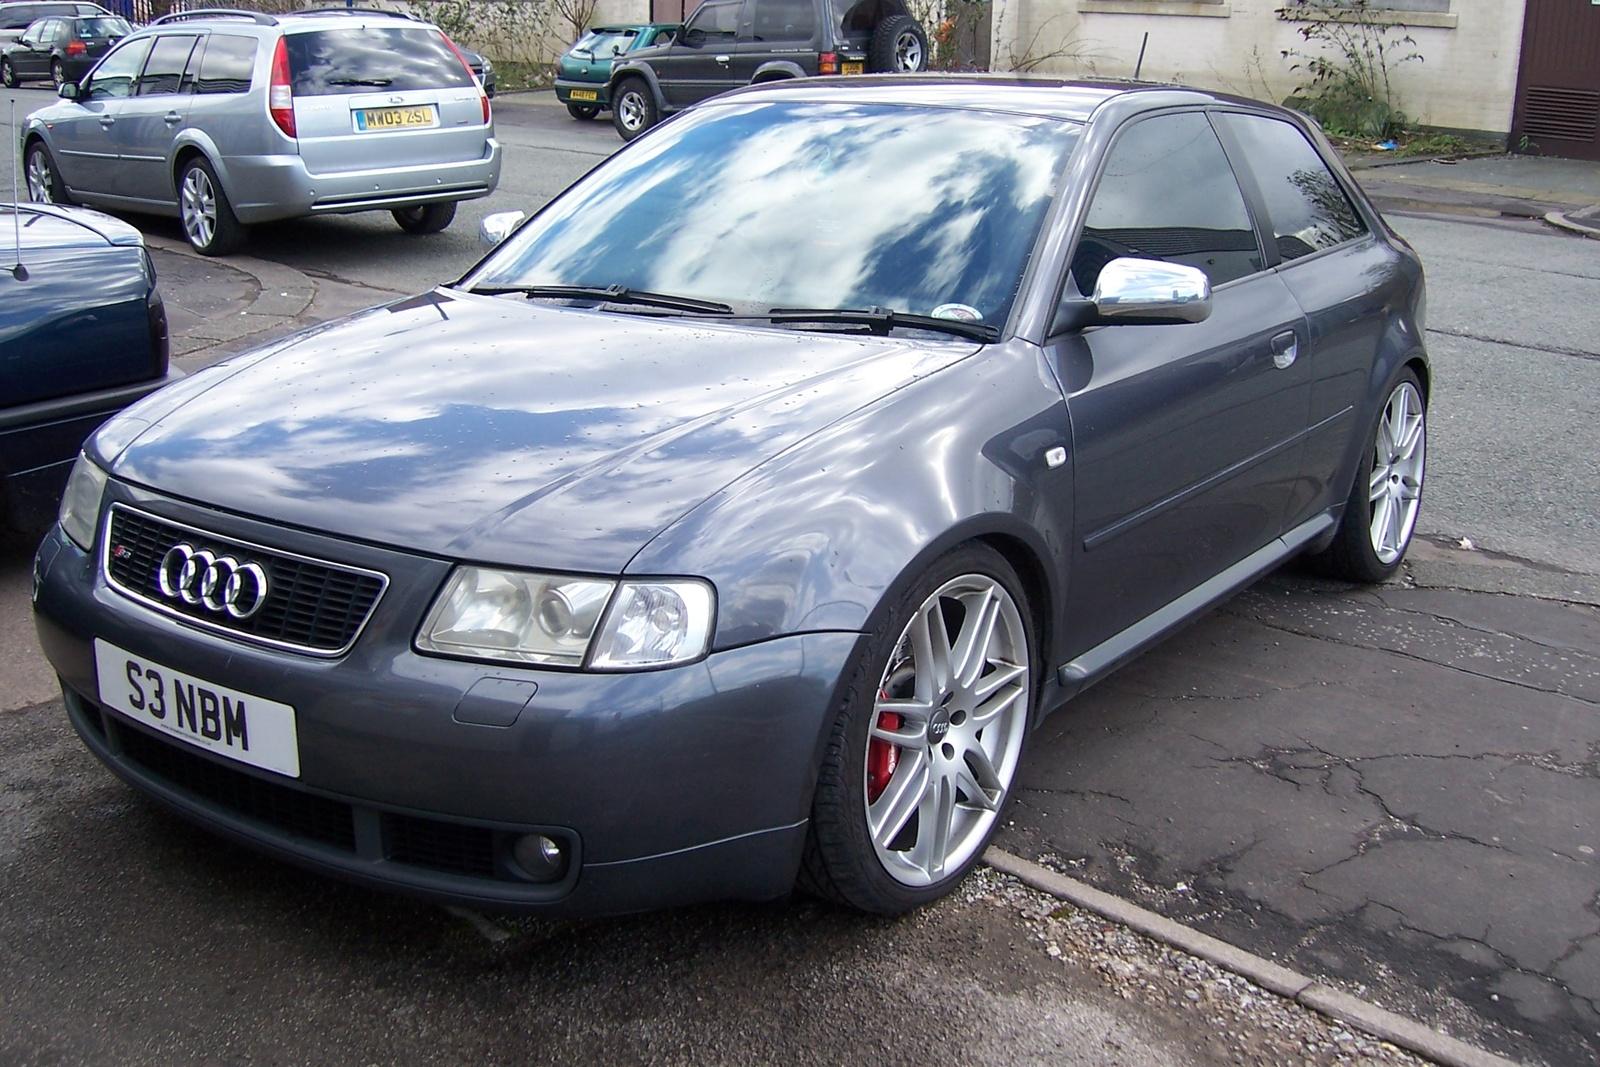 2000 Audi S3 Pictures Cargurus